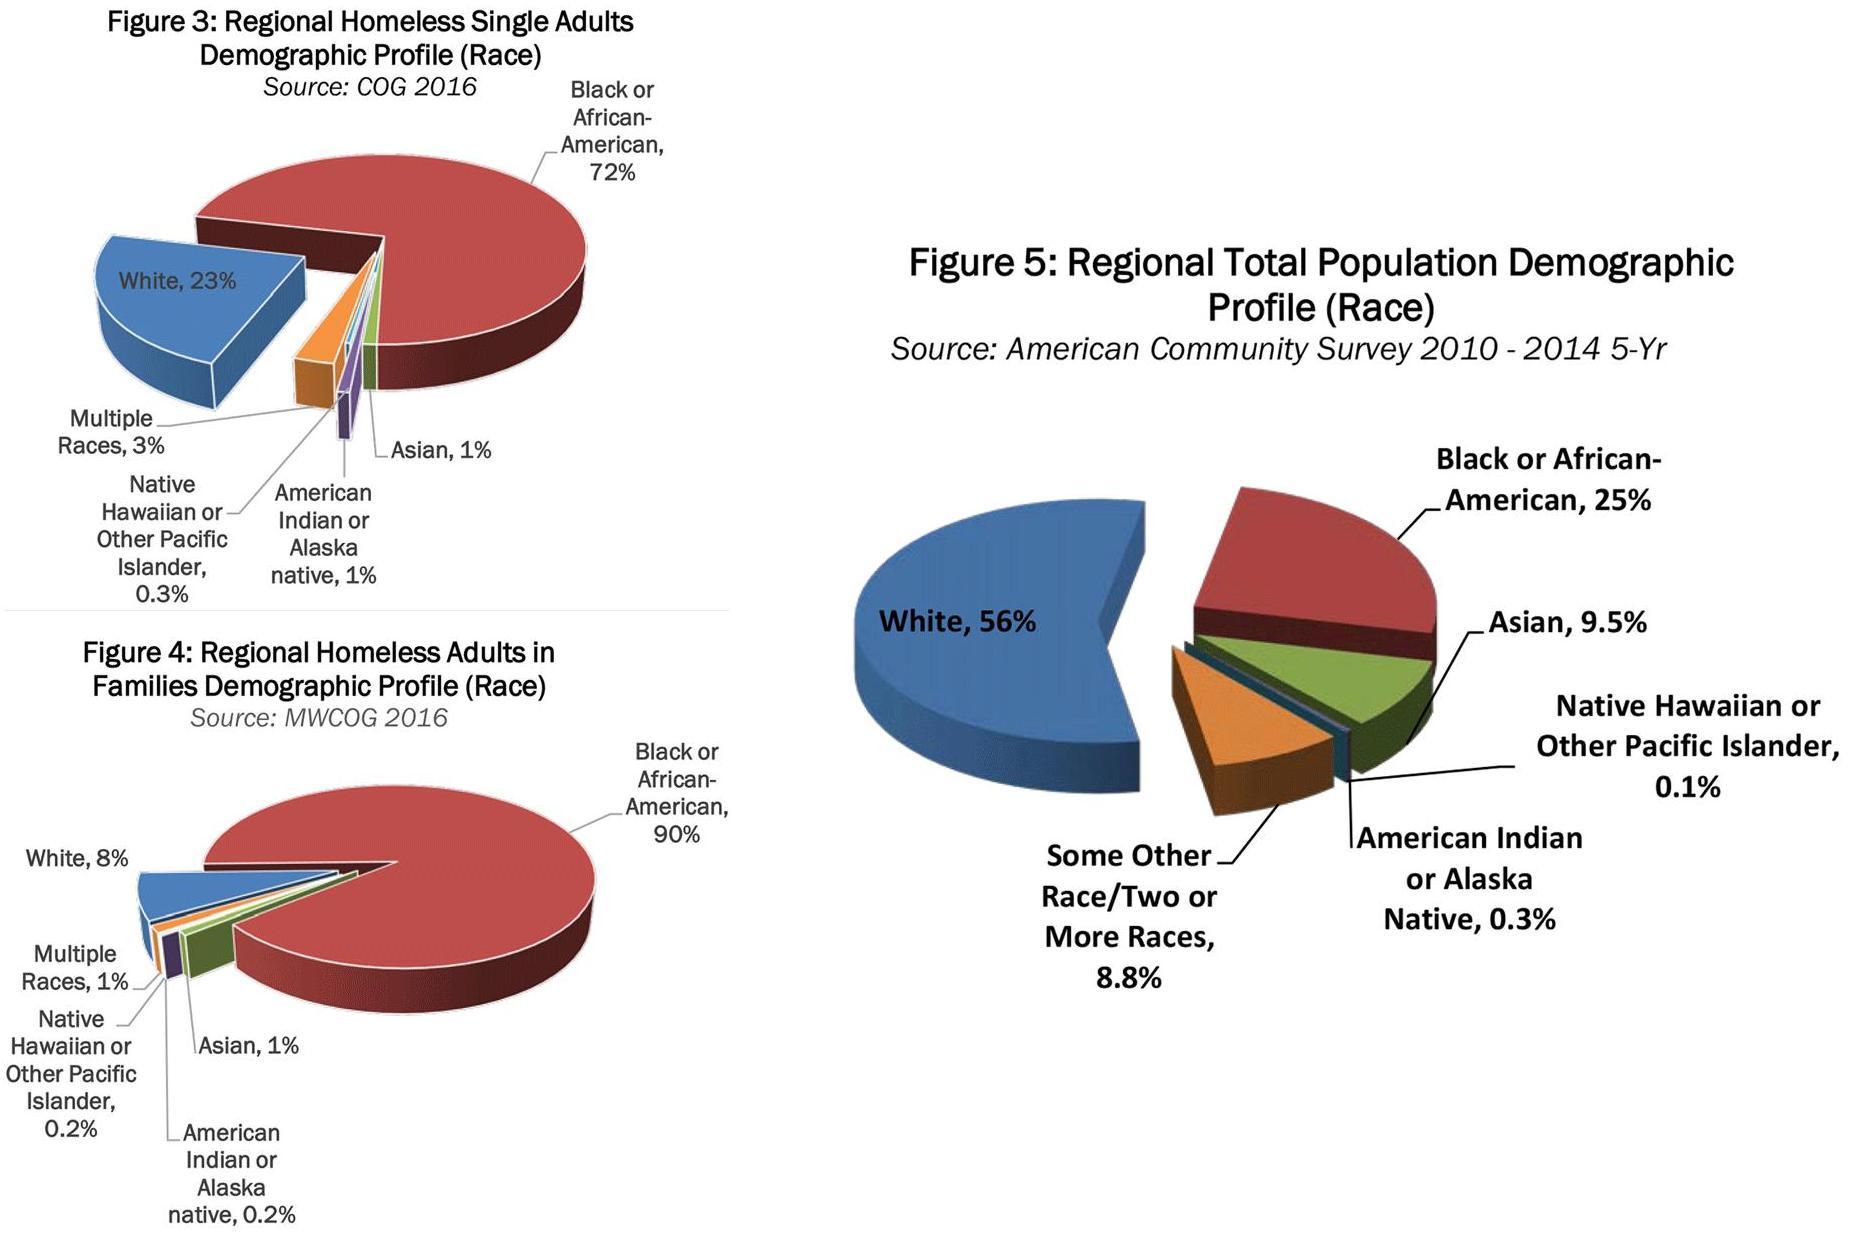 Расовый состав бомжей (№ 3 - одиночки, № 4 - семьи) и население (№5) вашингтонской агломерации (увеличить)